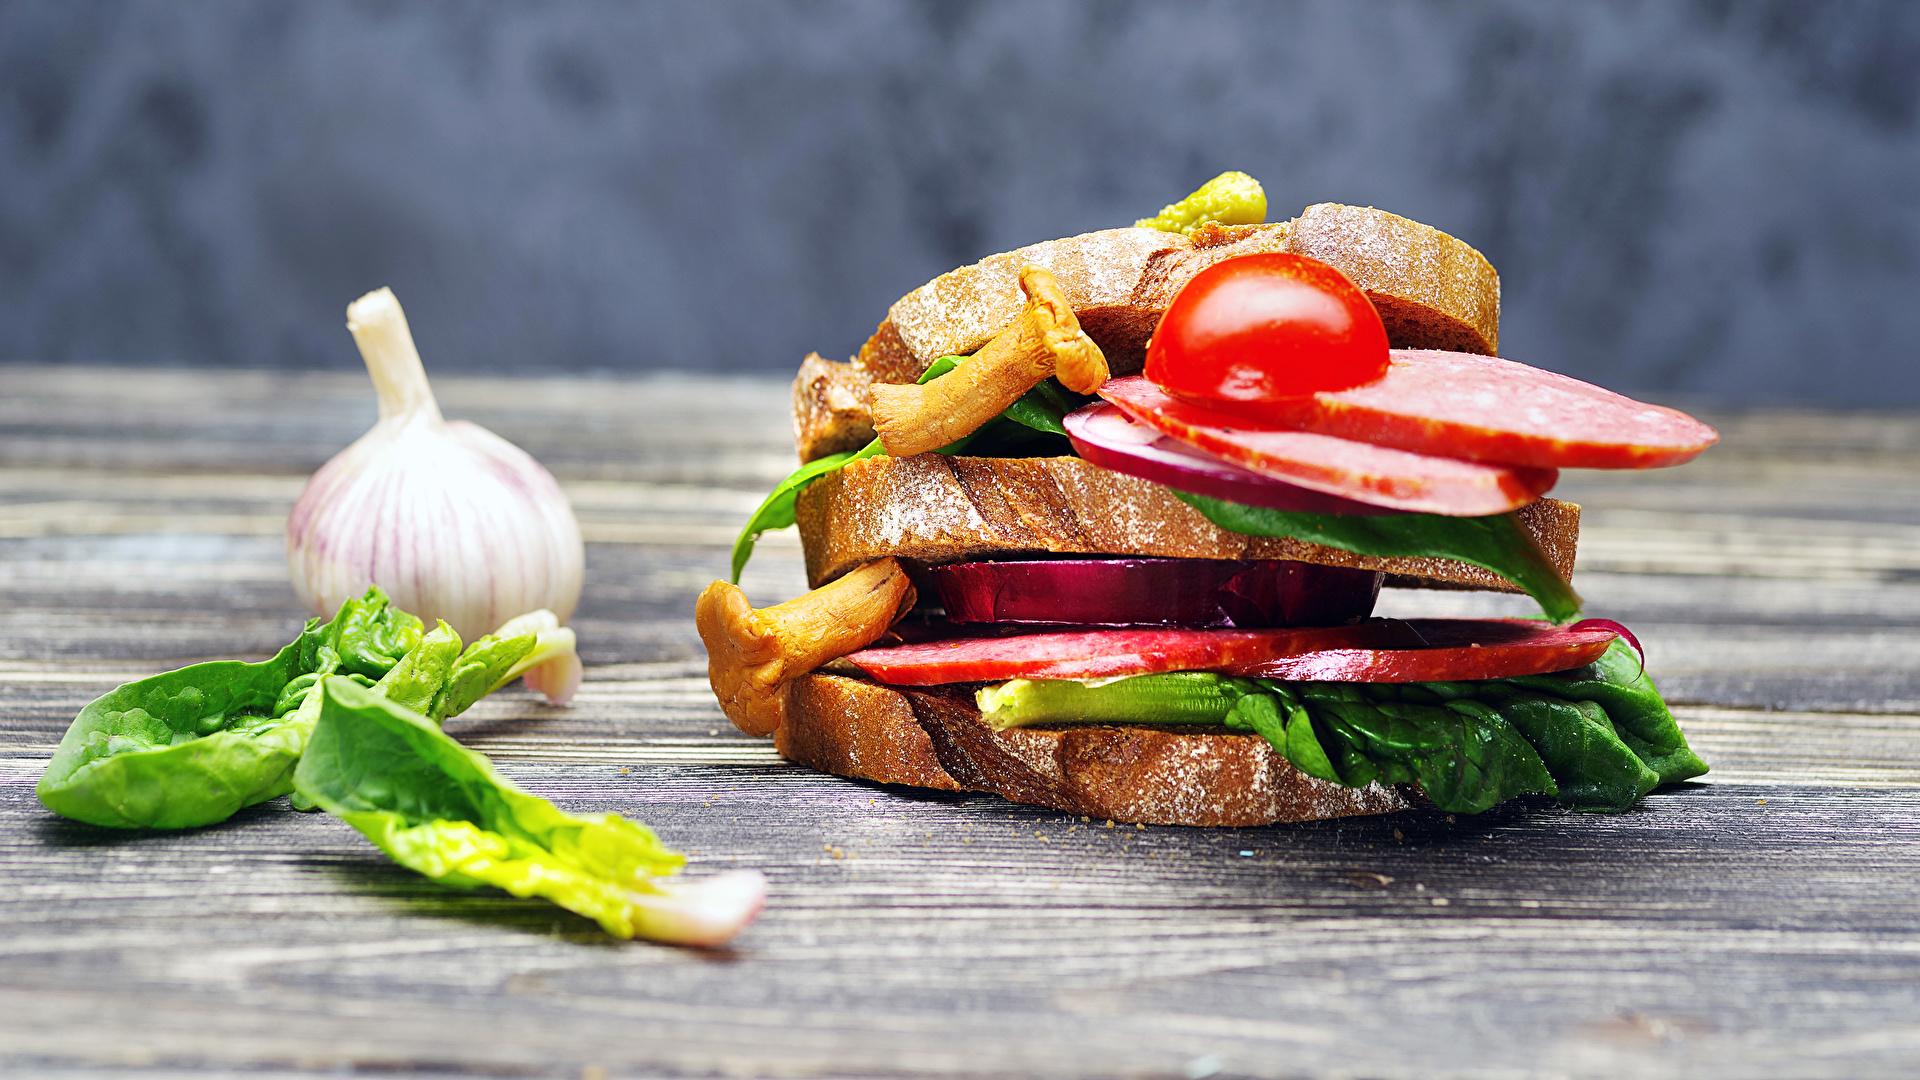 Картинки Колбаса Сэндвич Хлеб Чеснок Пища Овощи 1920x1080 Еда Продукты питания